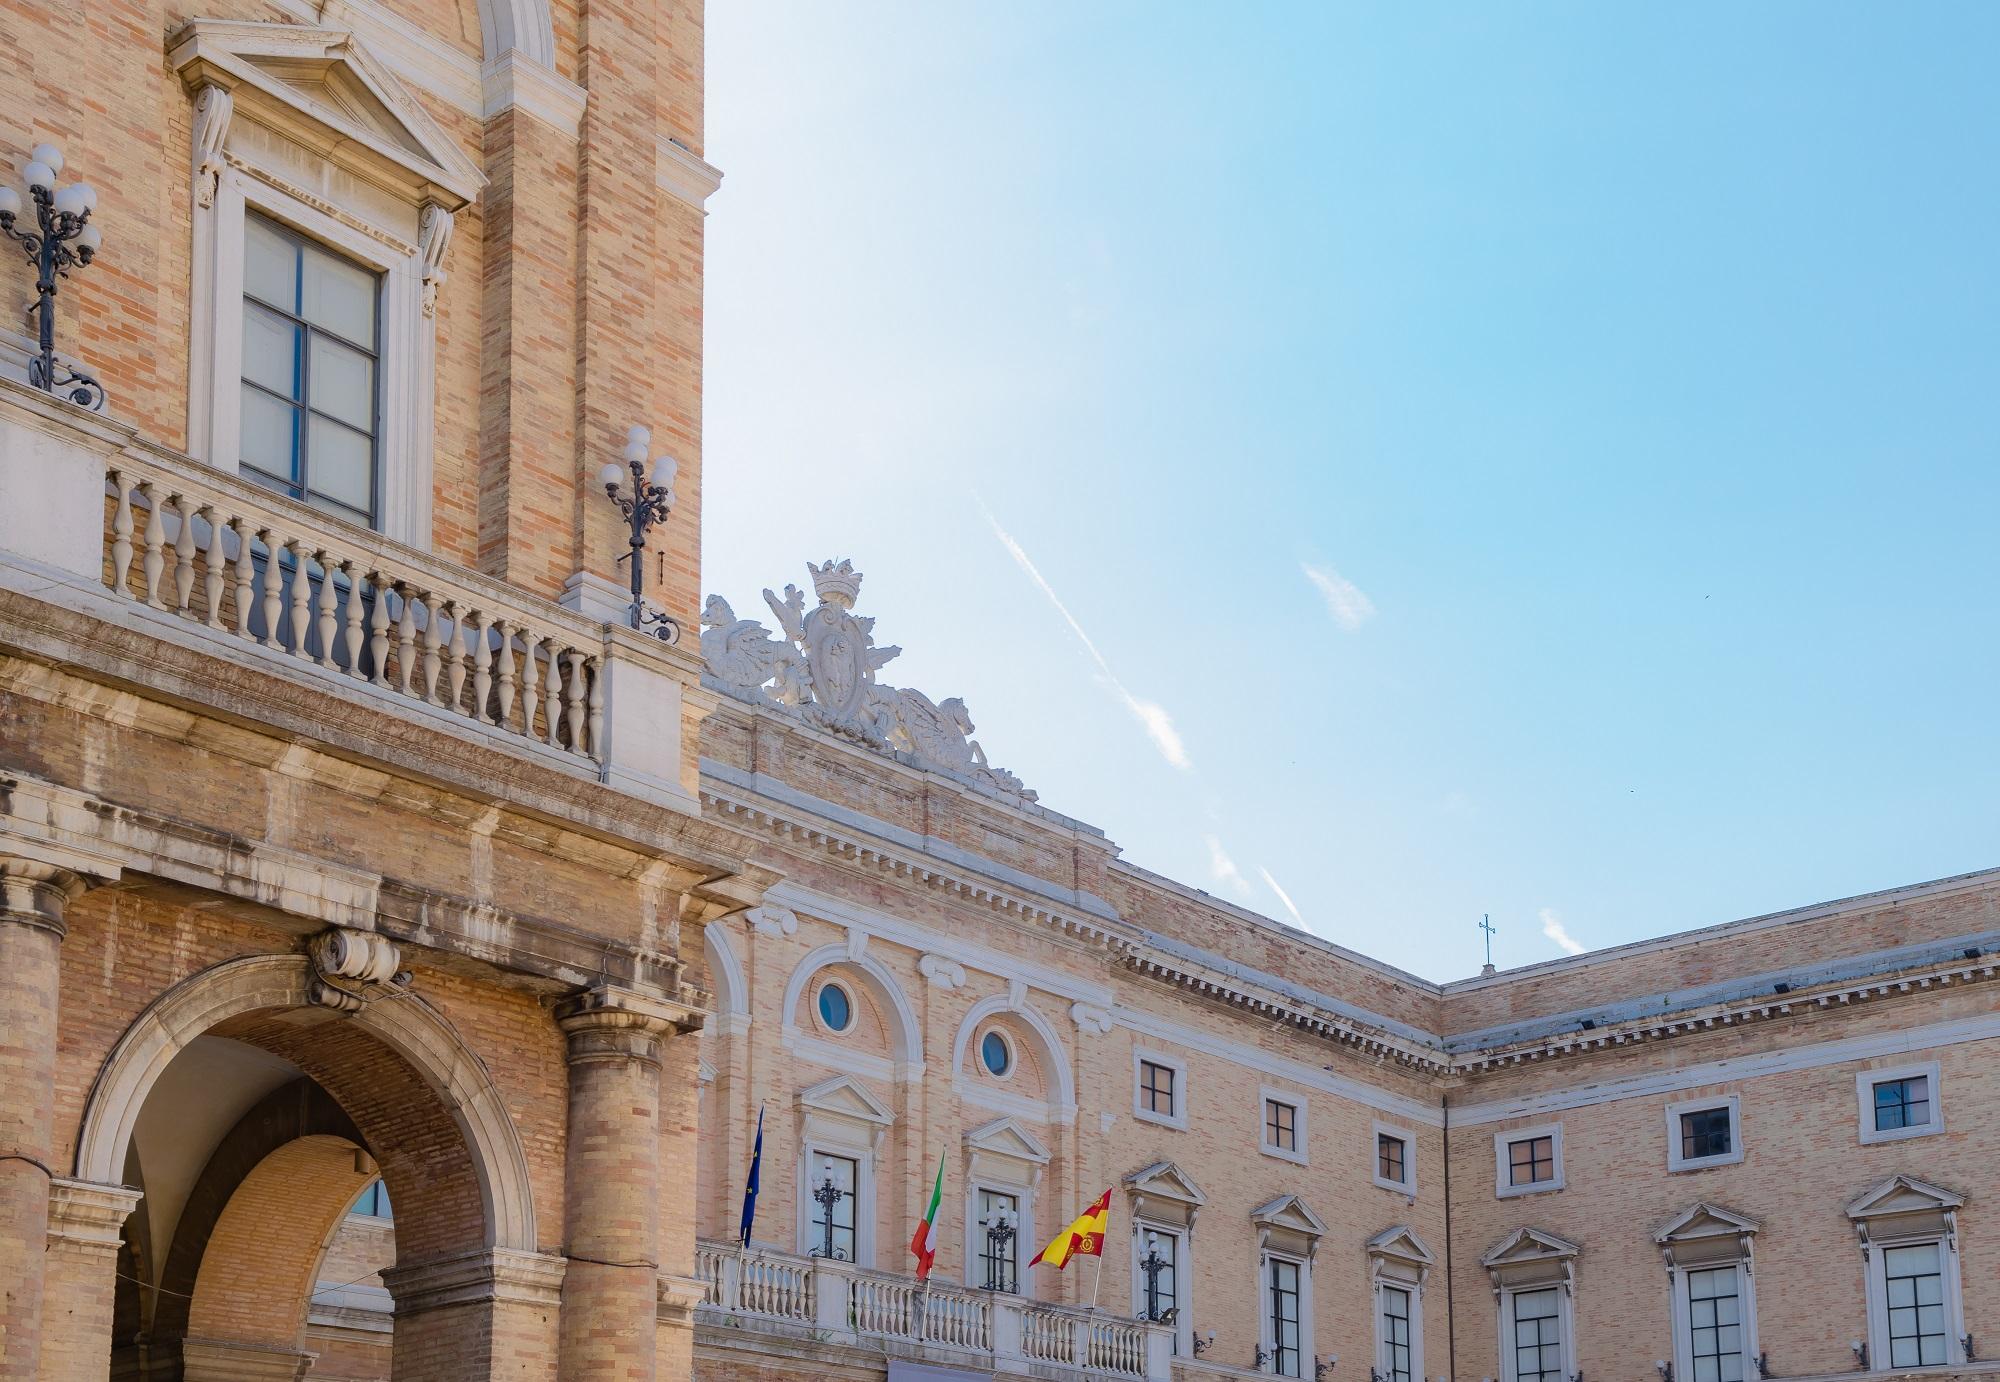 19 città italiane da visitare nel 2019 - Recanati